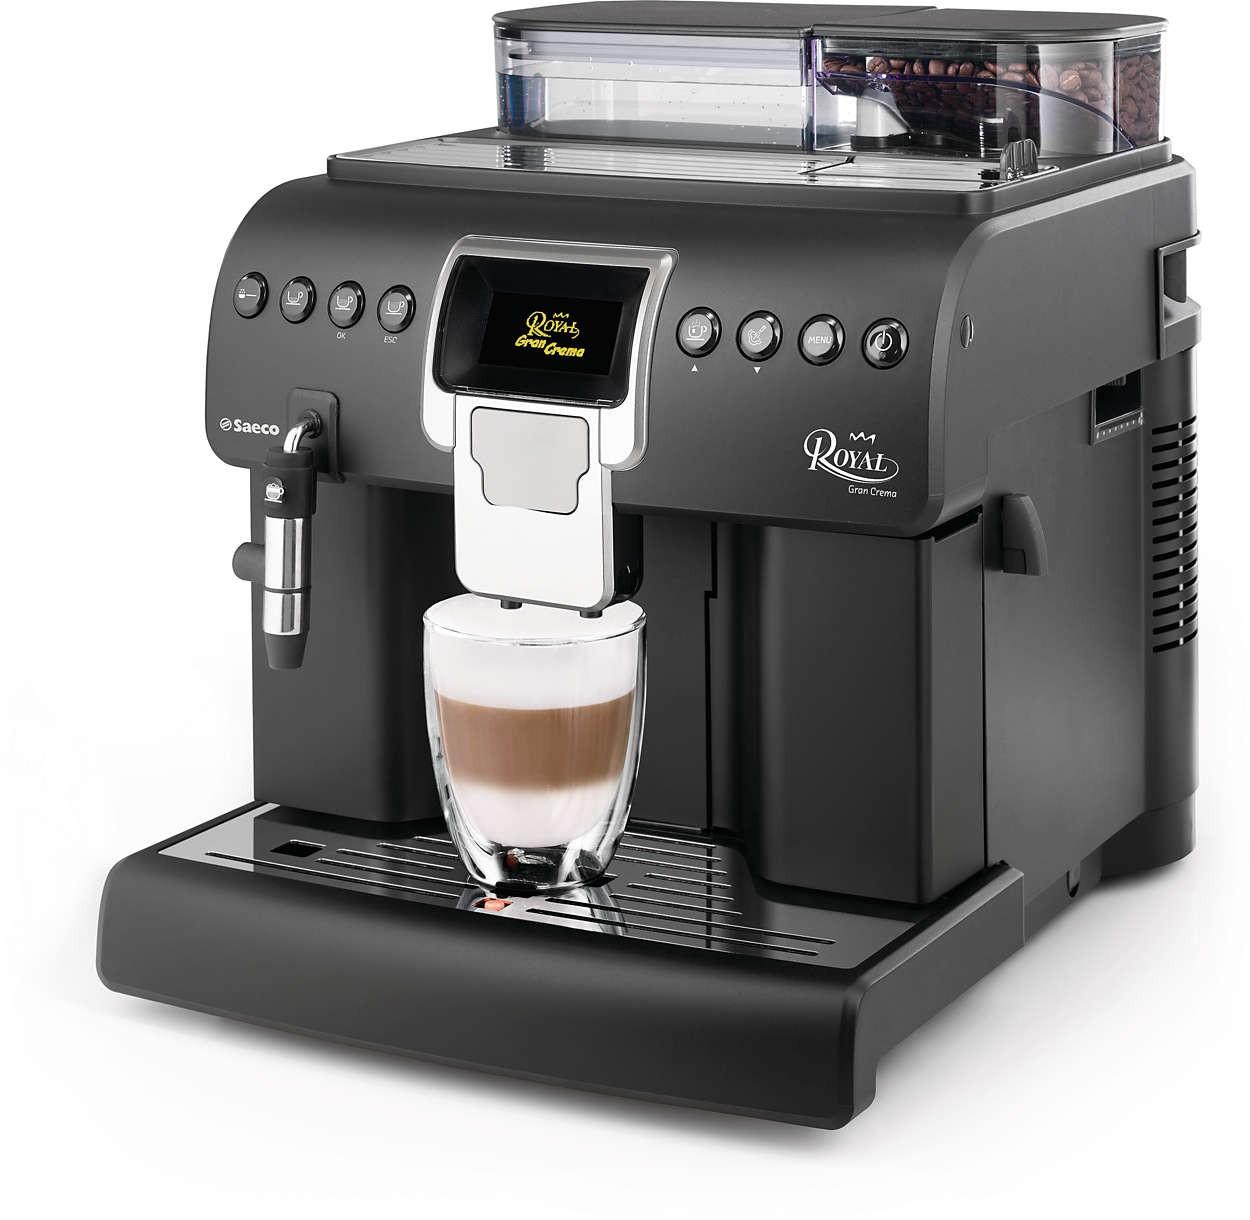 Дана багатофункціональна каварка впишеться в офіс, кафе або кухню в стилі модерн, але головне - це те, яку божественну і ароматну каву вона варить.